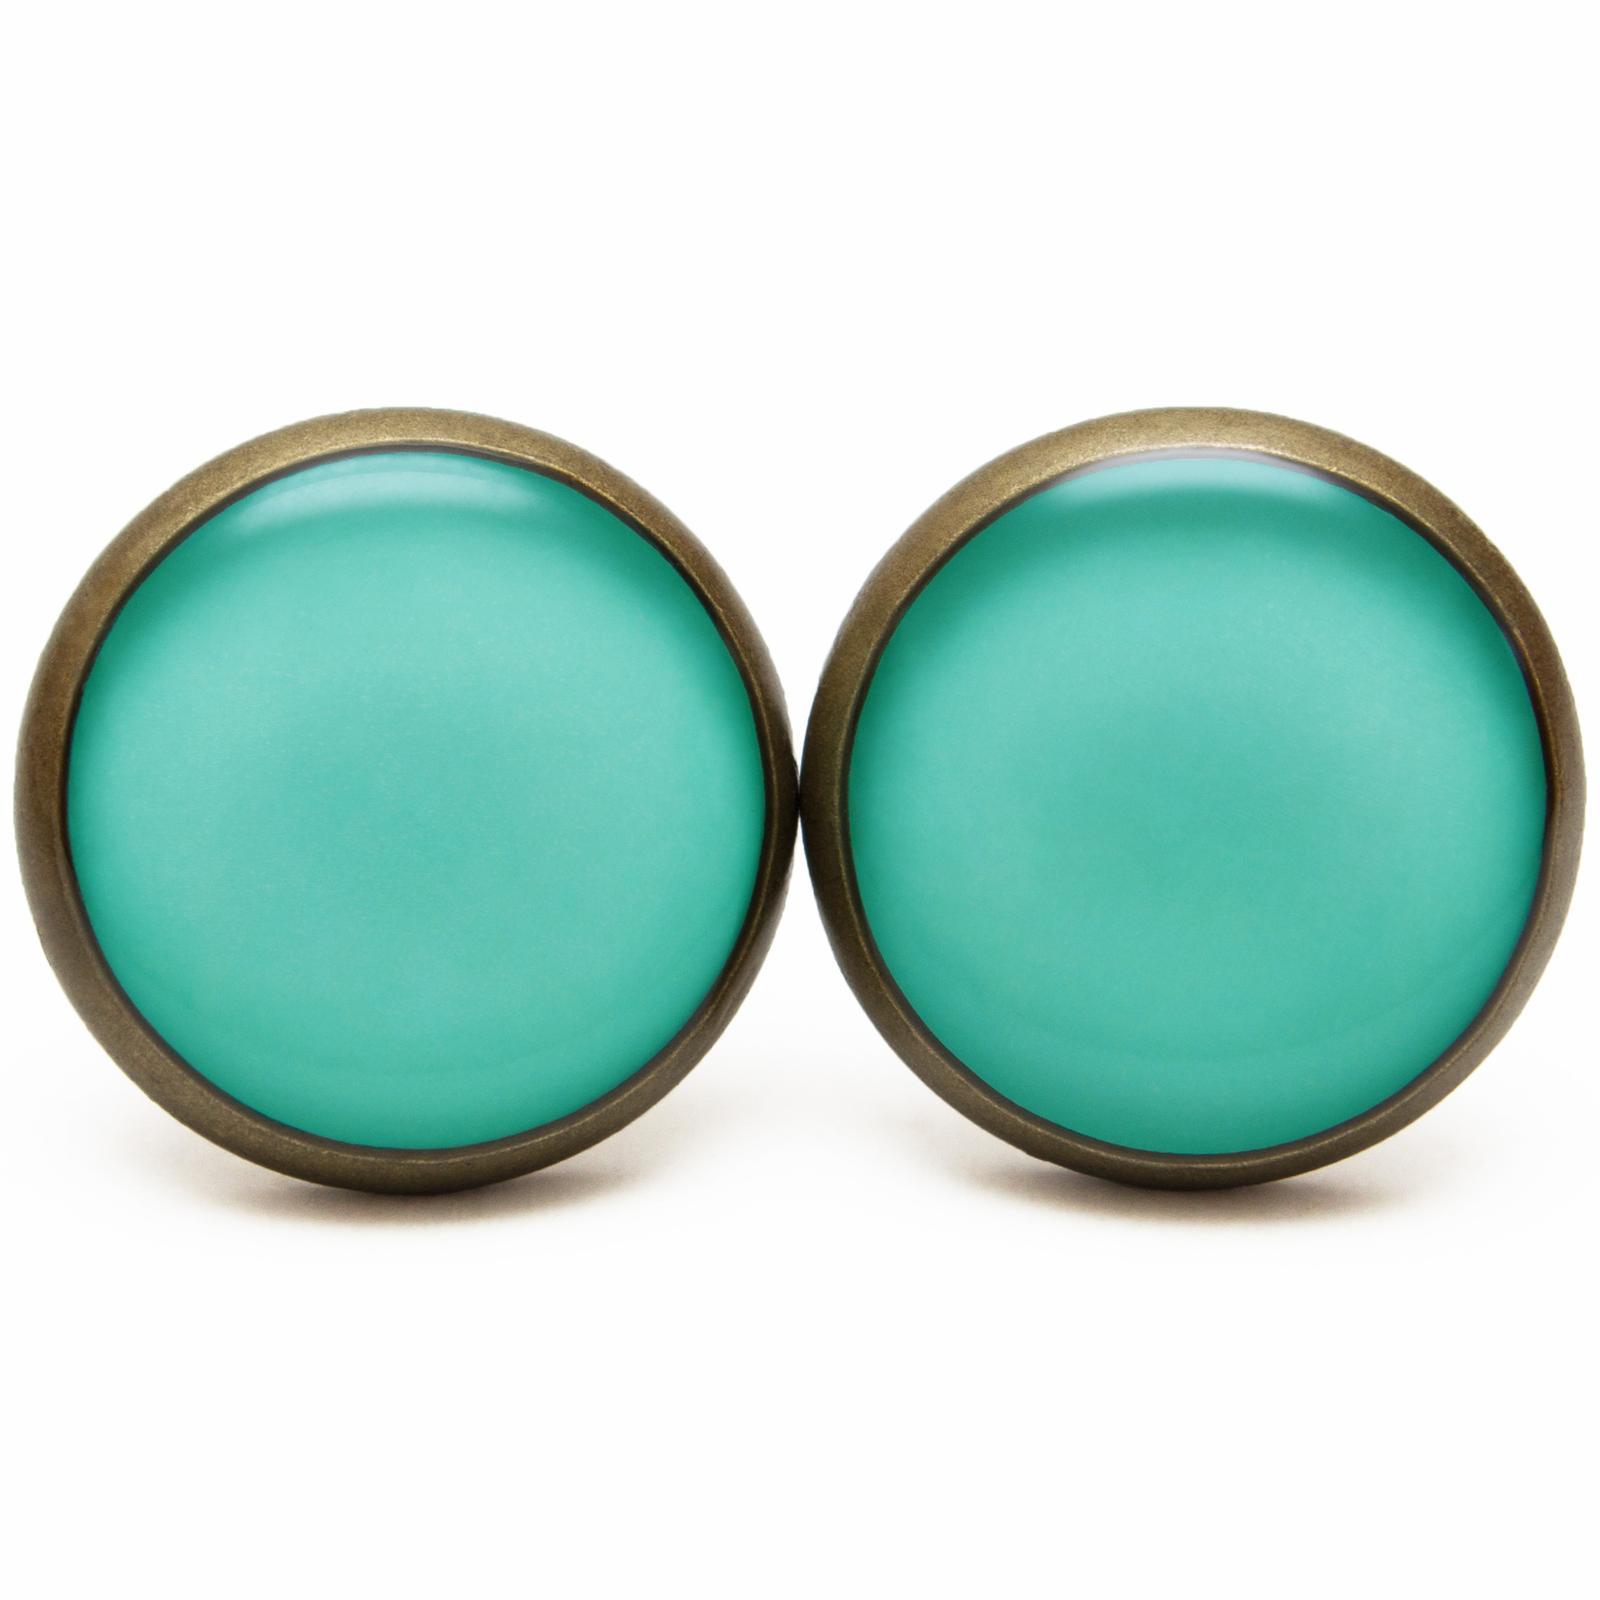 ♪♫♪ Farbičky čarbičky alebo aby družičky spolu ladili  ♪♫♪ - Farby - Emerald